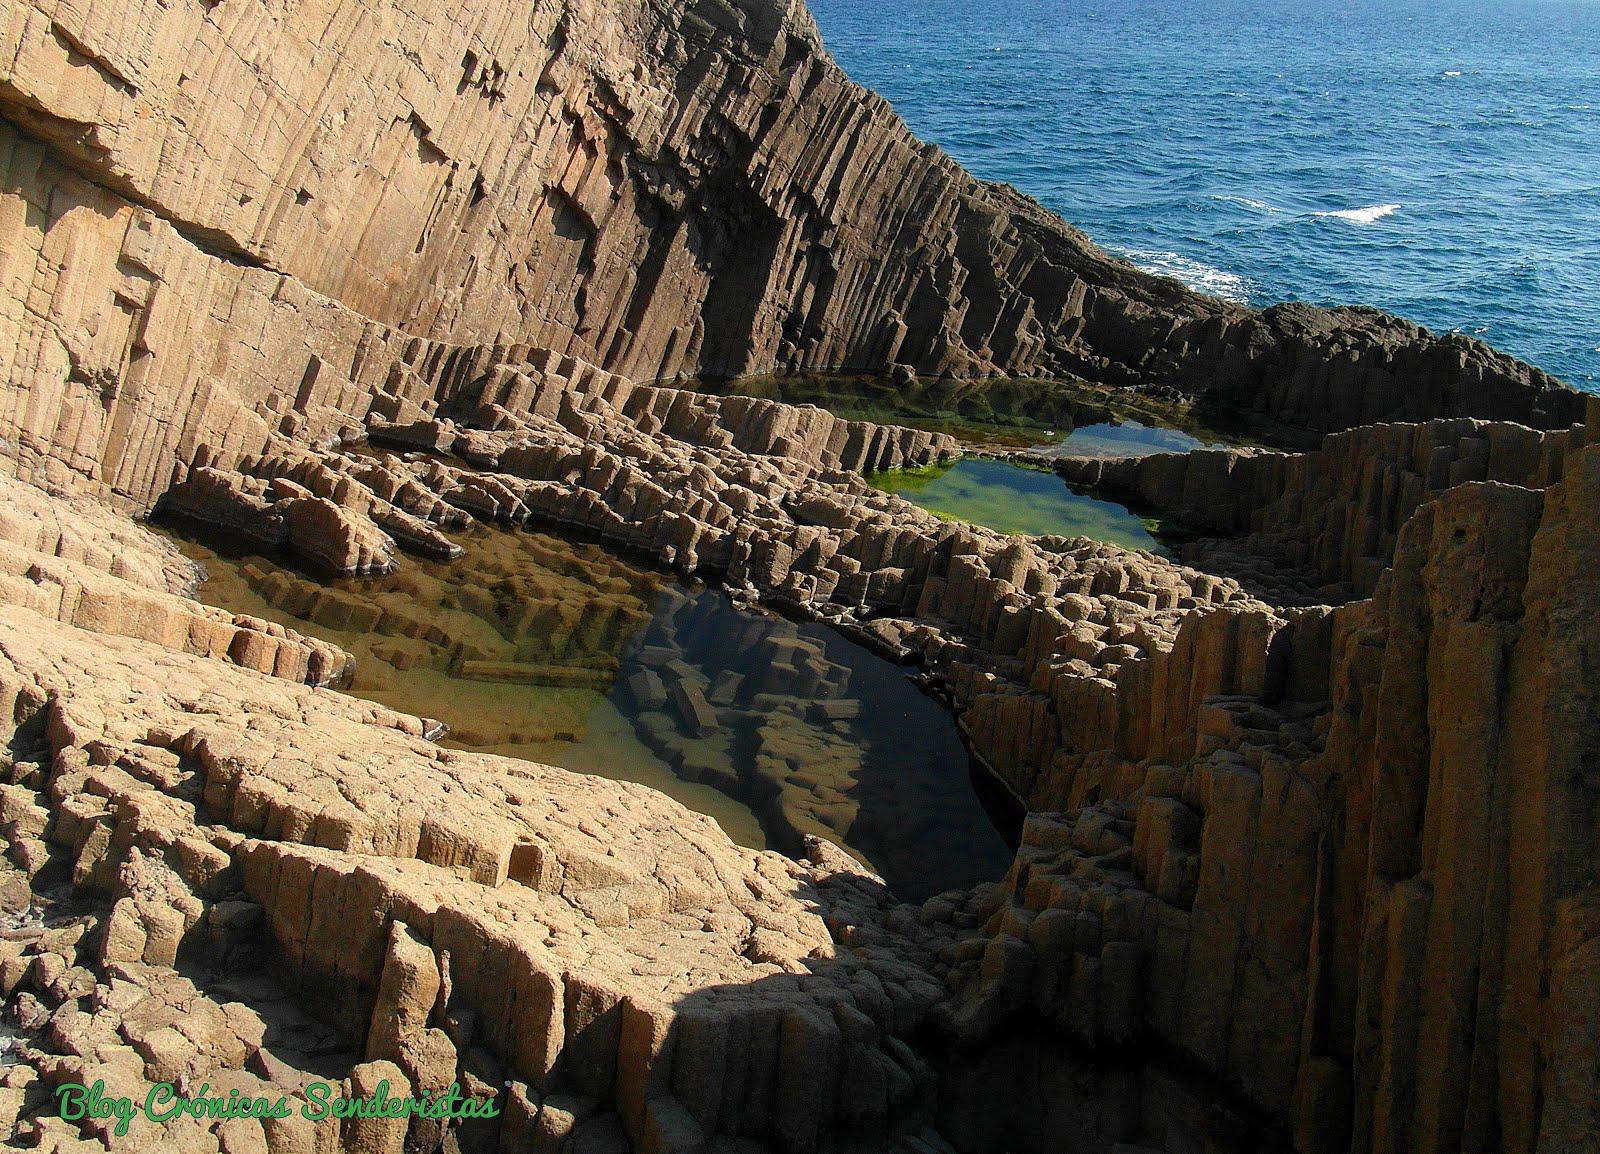 Disyunciones Columnares de Punta Baja. Cabo de Gata